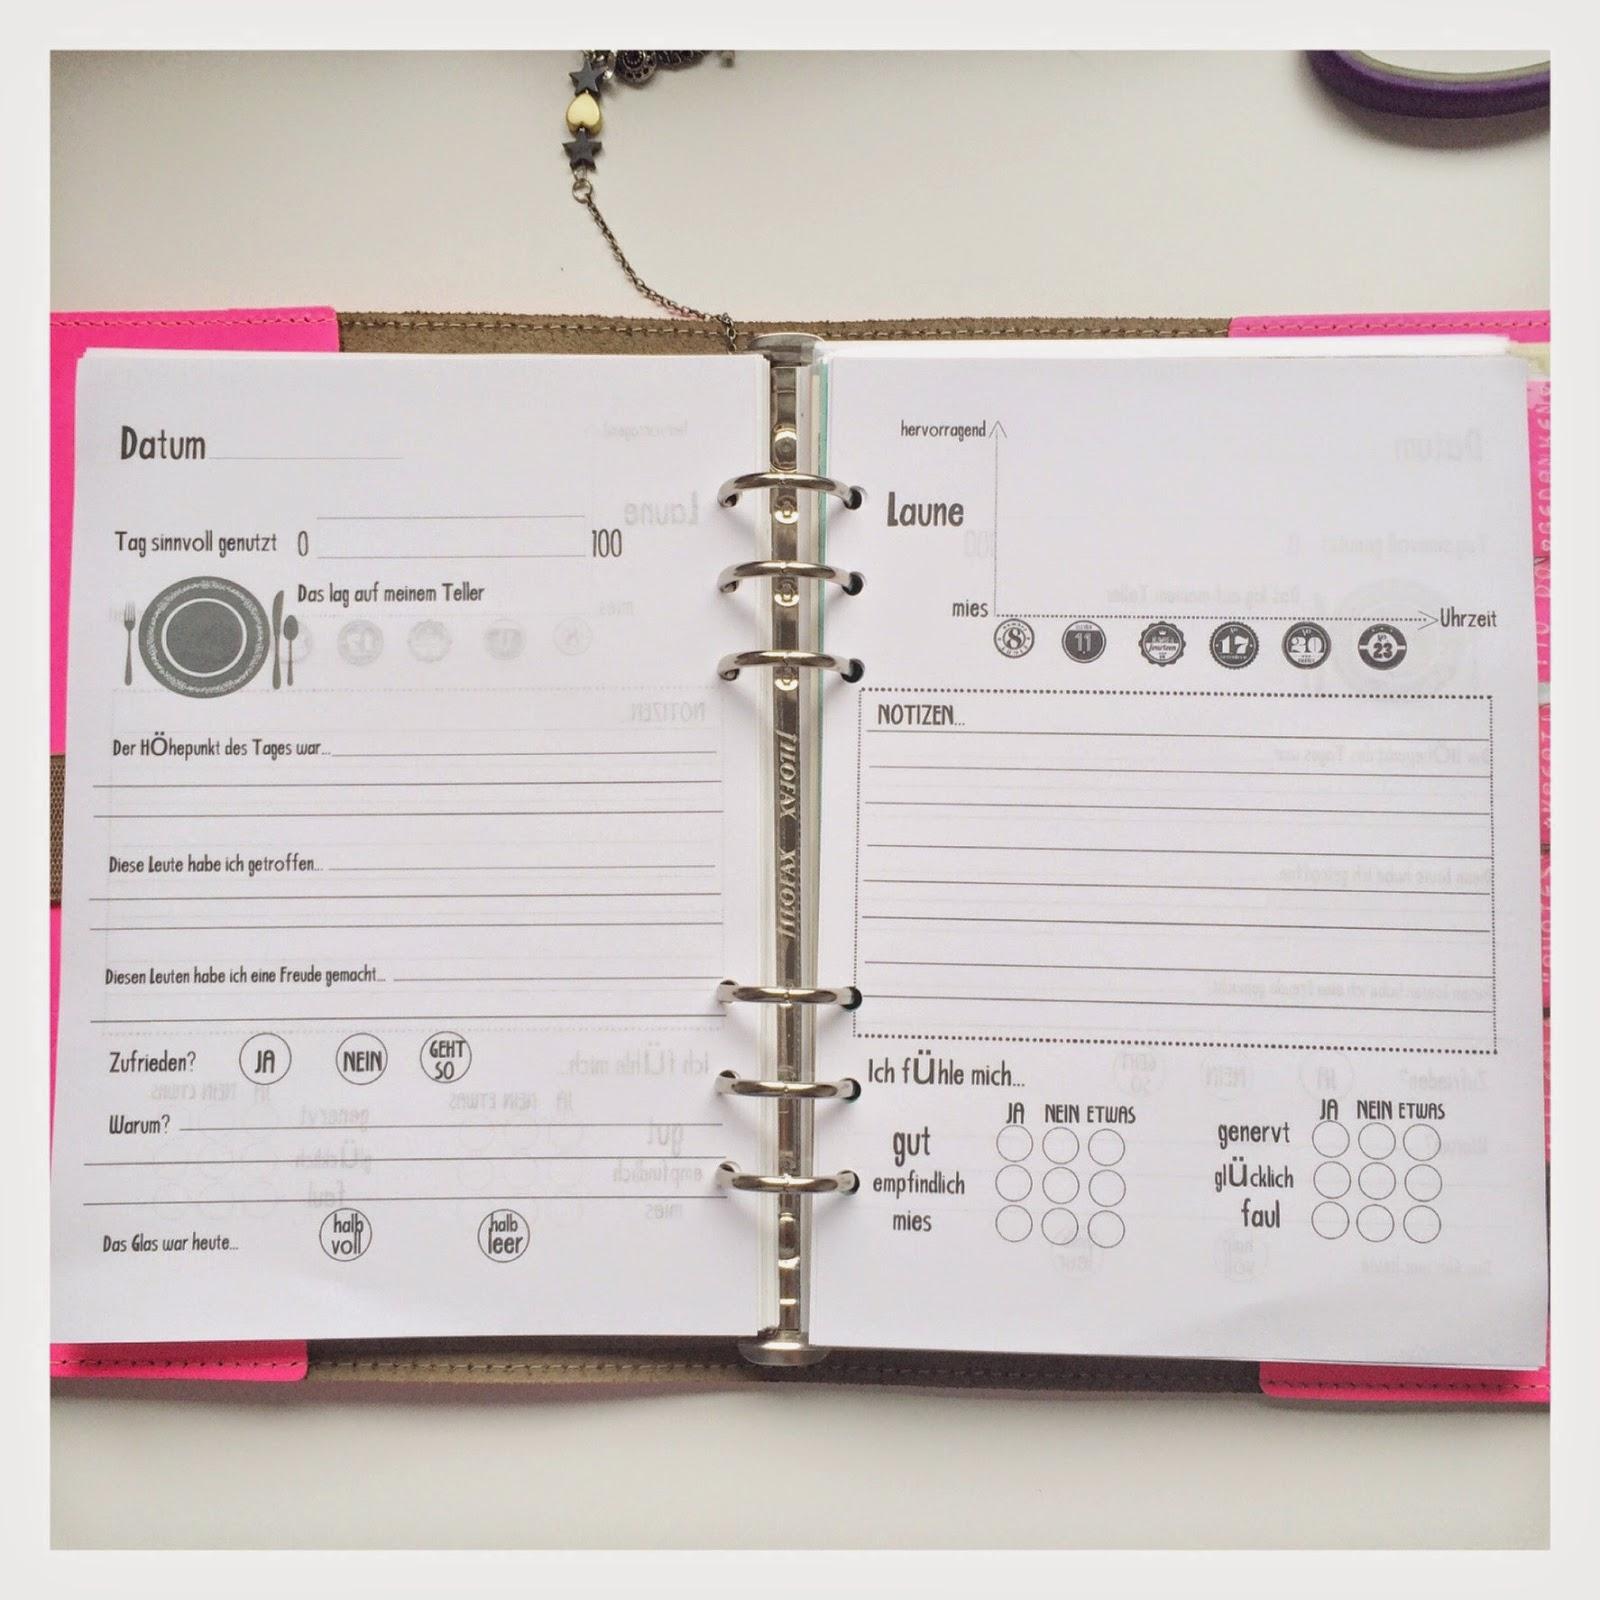 Berühmt Vorlage Tagebuch Ideen - Beispielzusammenfassung Ideen ...